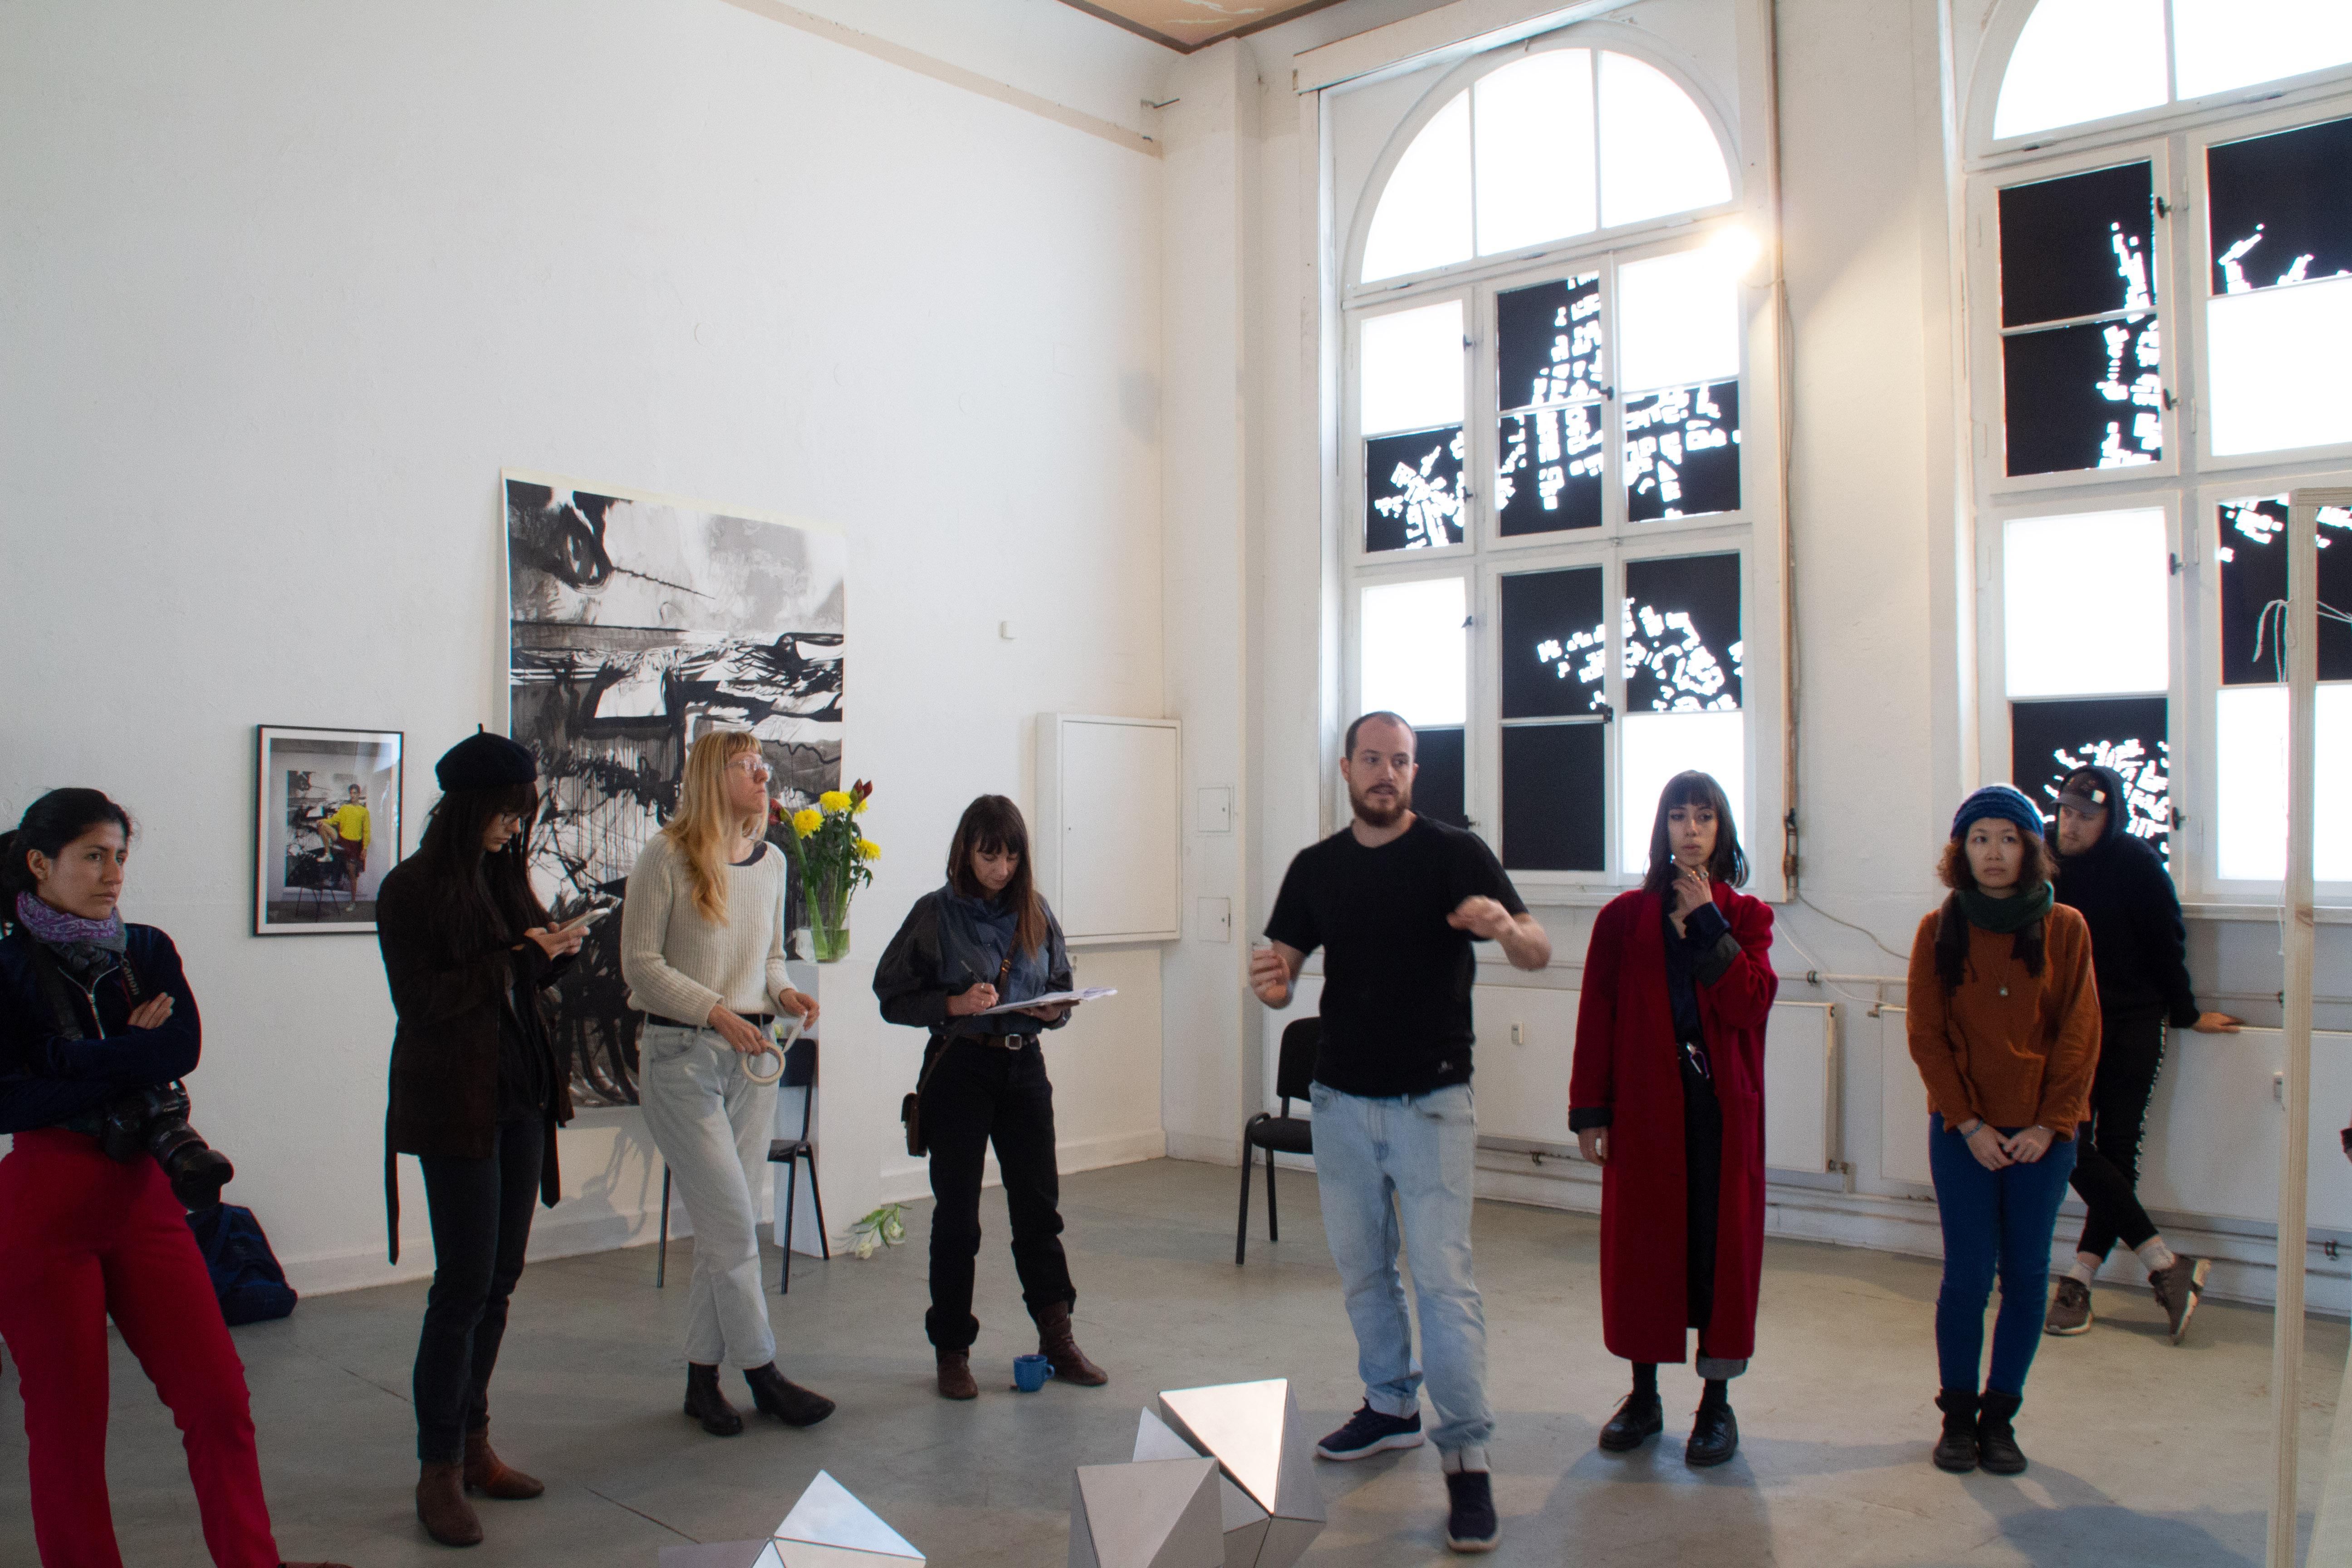 artist-talks-Reset-unsettling-flesh-layers-Pilotenkueche-Alte-Handelsschule-Leipzig-Germany-Nov-2019-9